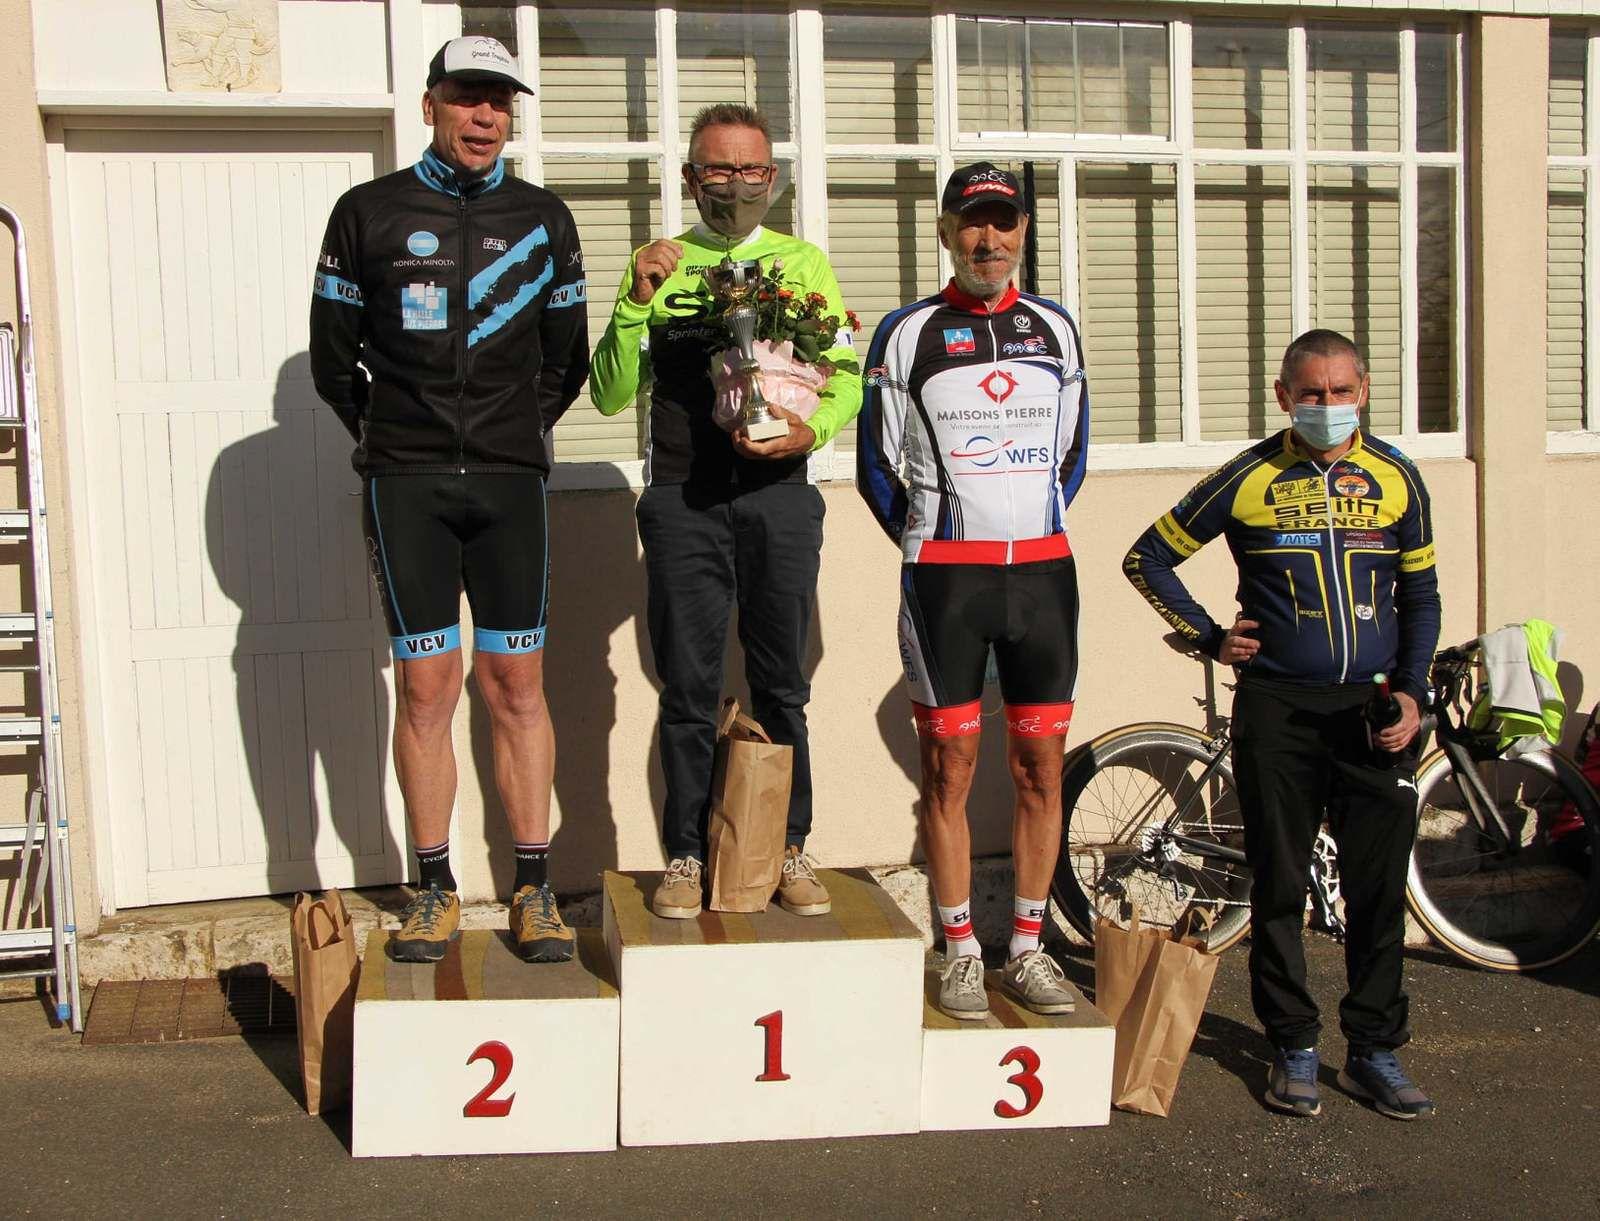 Les résultats de la course UFOLEP 4 de Fontenay sur Conie (28)